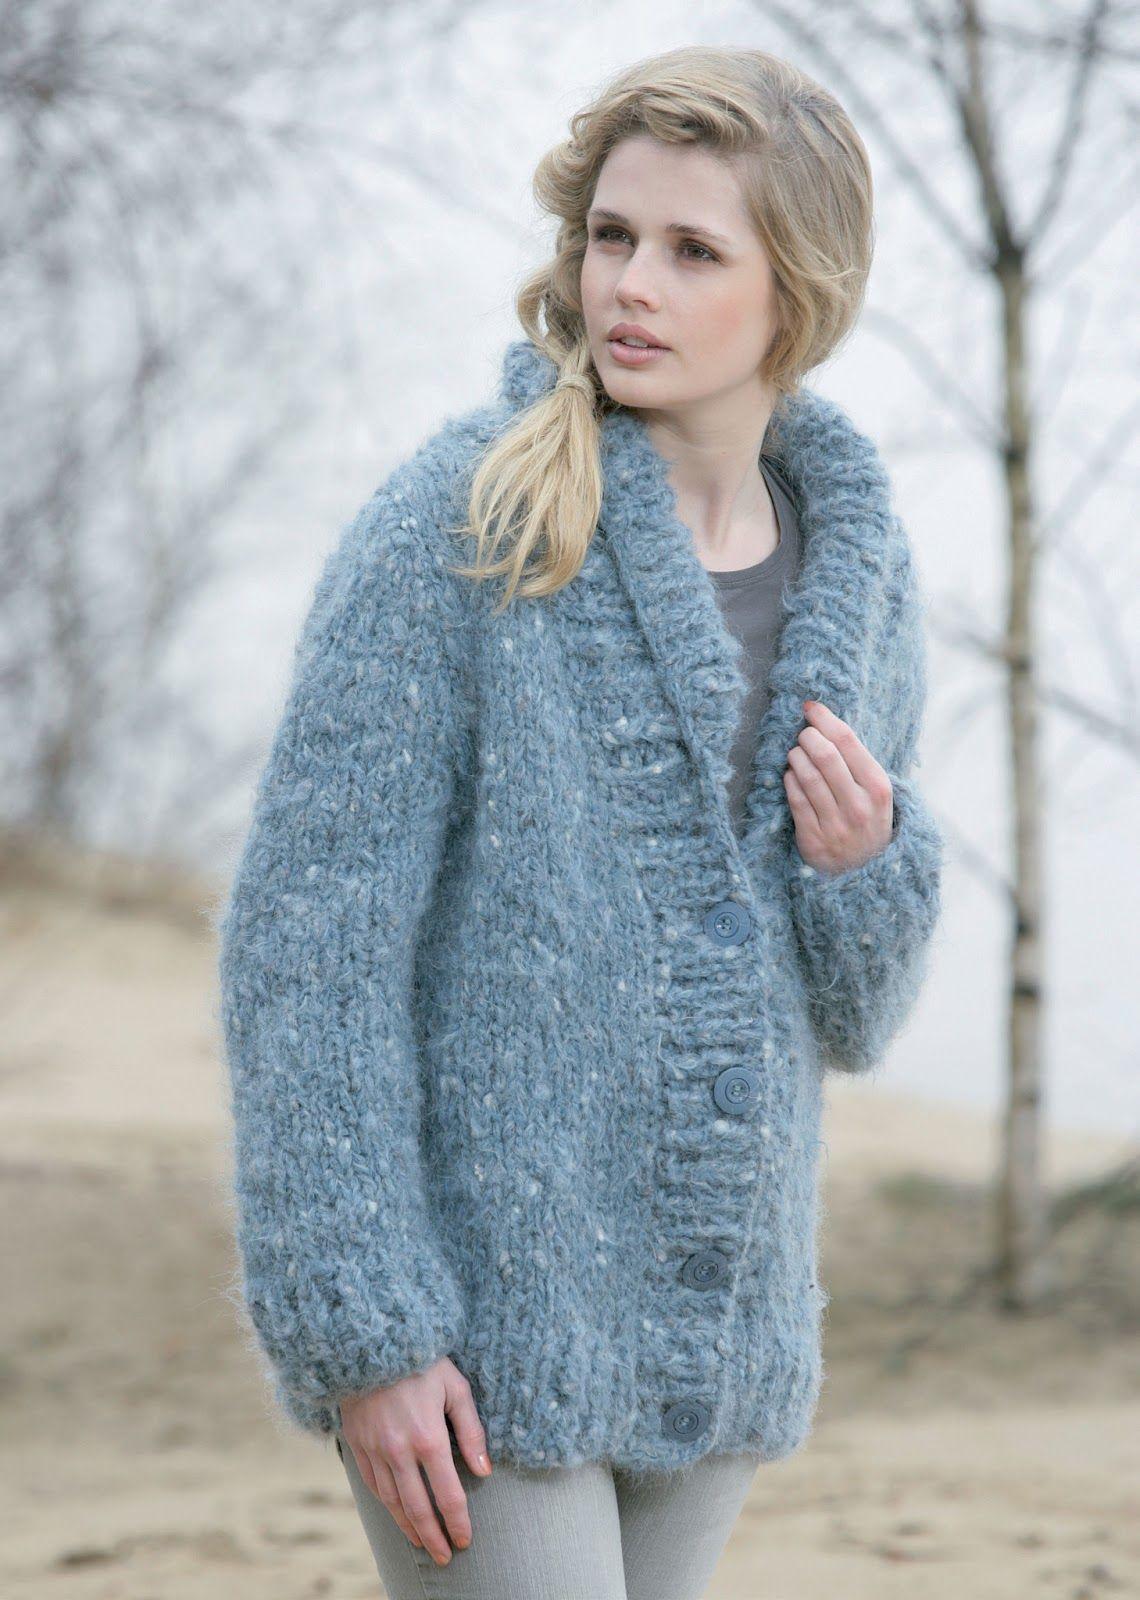 Modele de veste en tricot pour femme